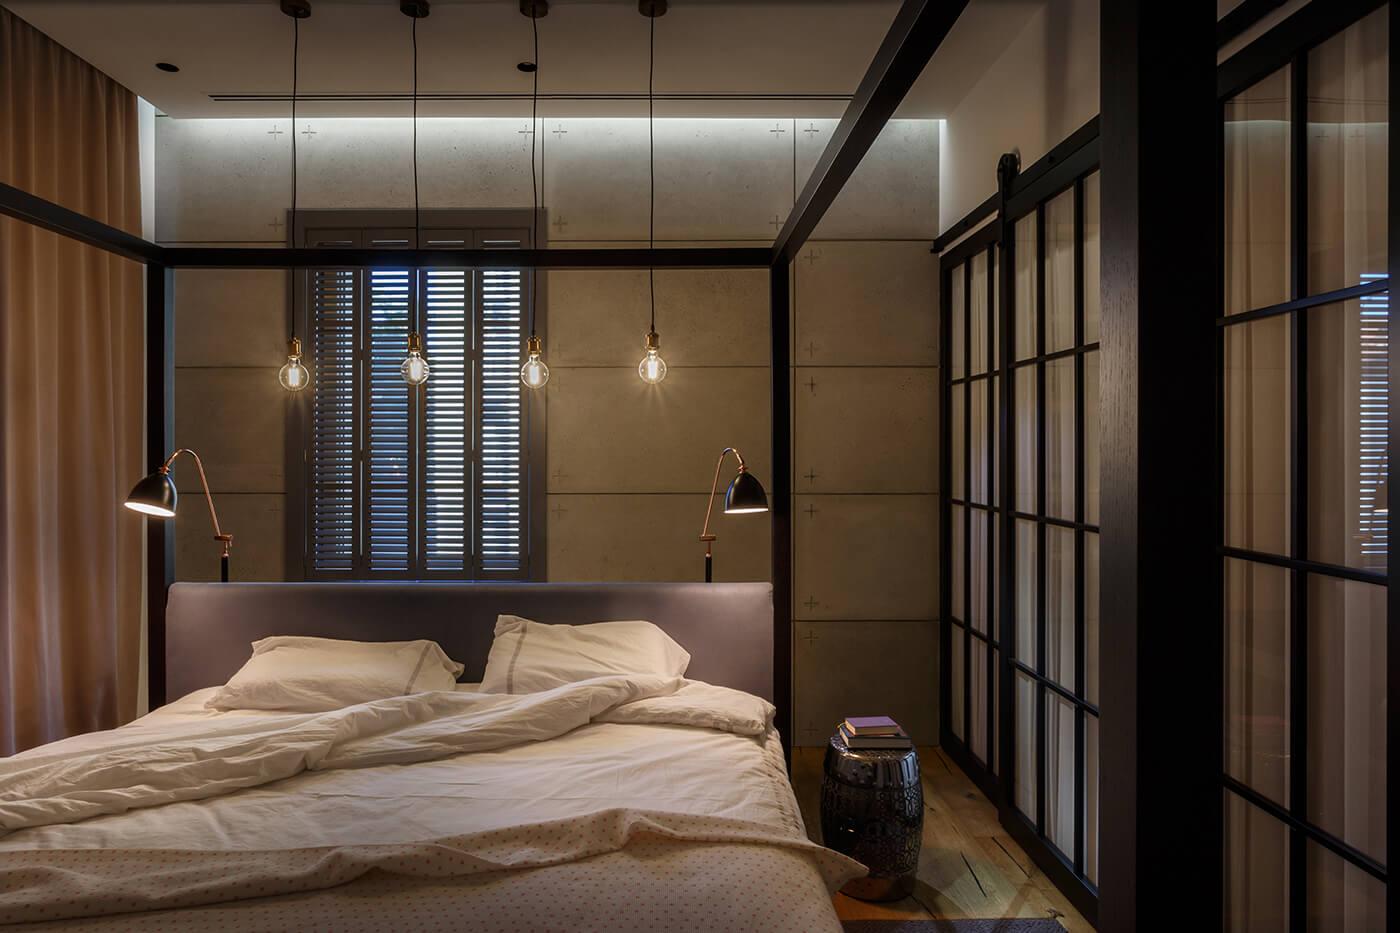 apartament-v-ukraina-s-kreativen-interioren-dizian-6g